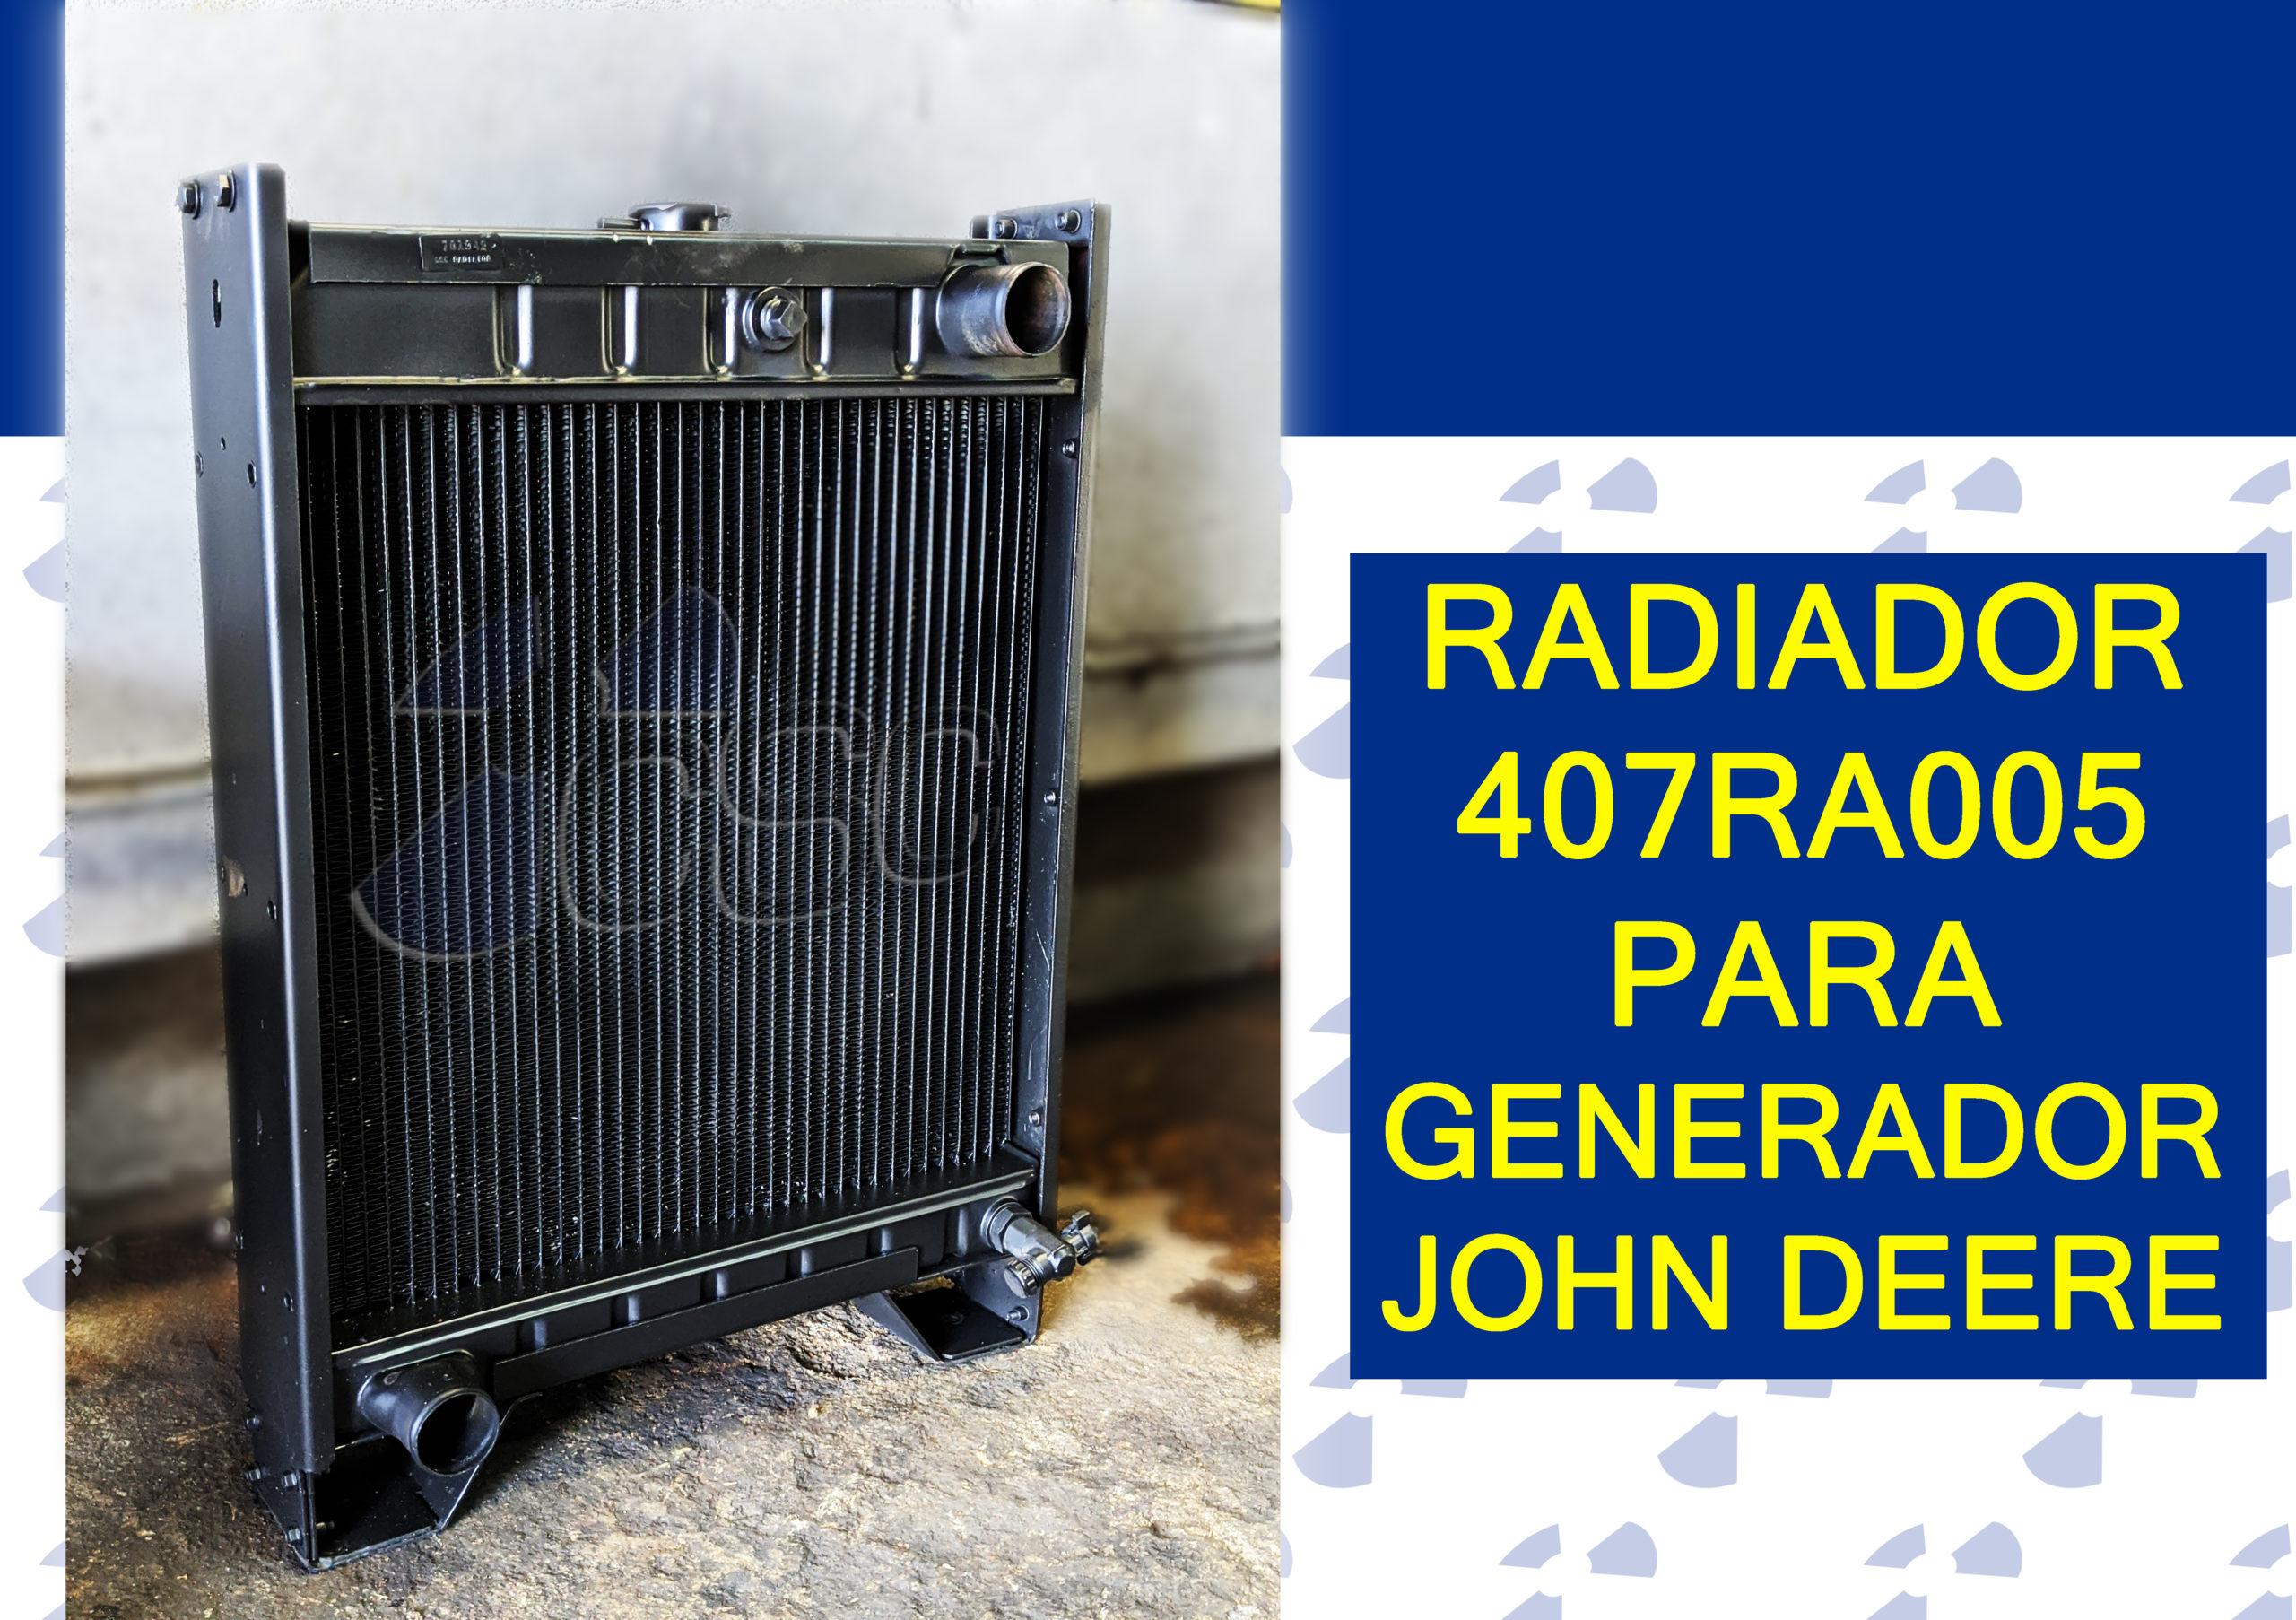 Nuevo Radiador 407RA005 para Generador John Deere